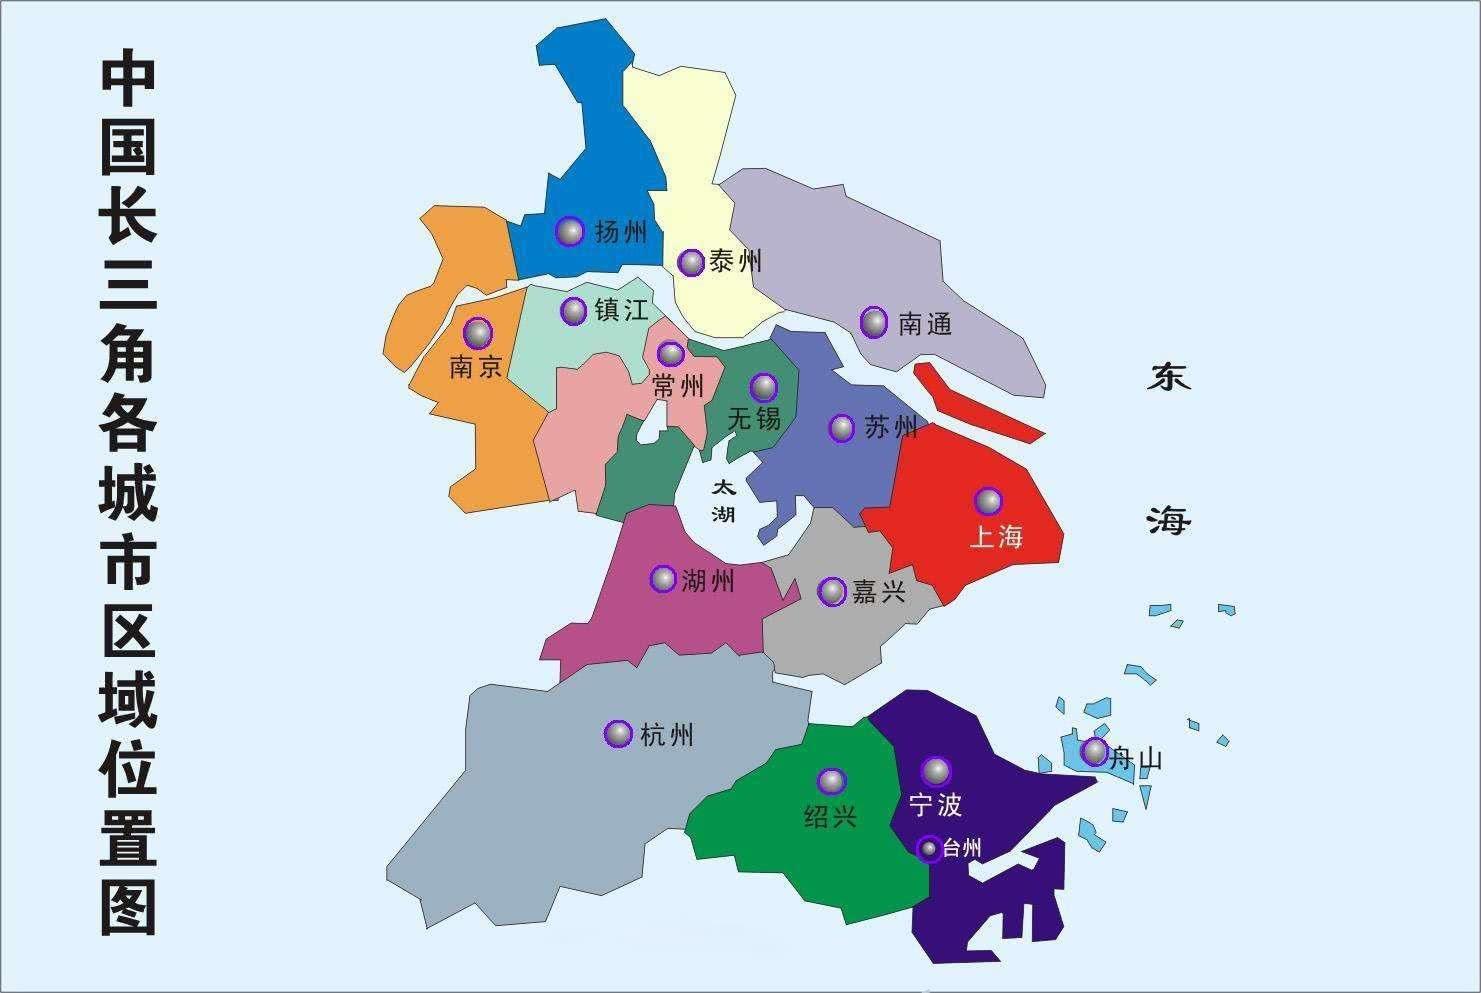 长三角经济最强的三座地级市,无锡强势入围,南通潜力巨大,有你家乡吗?